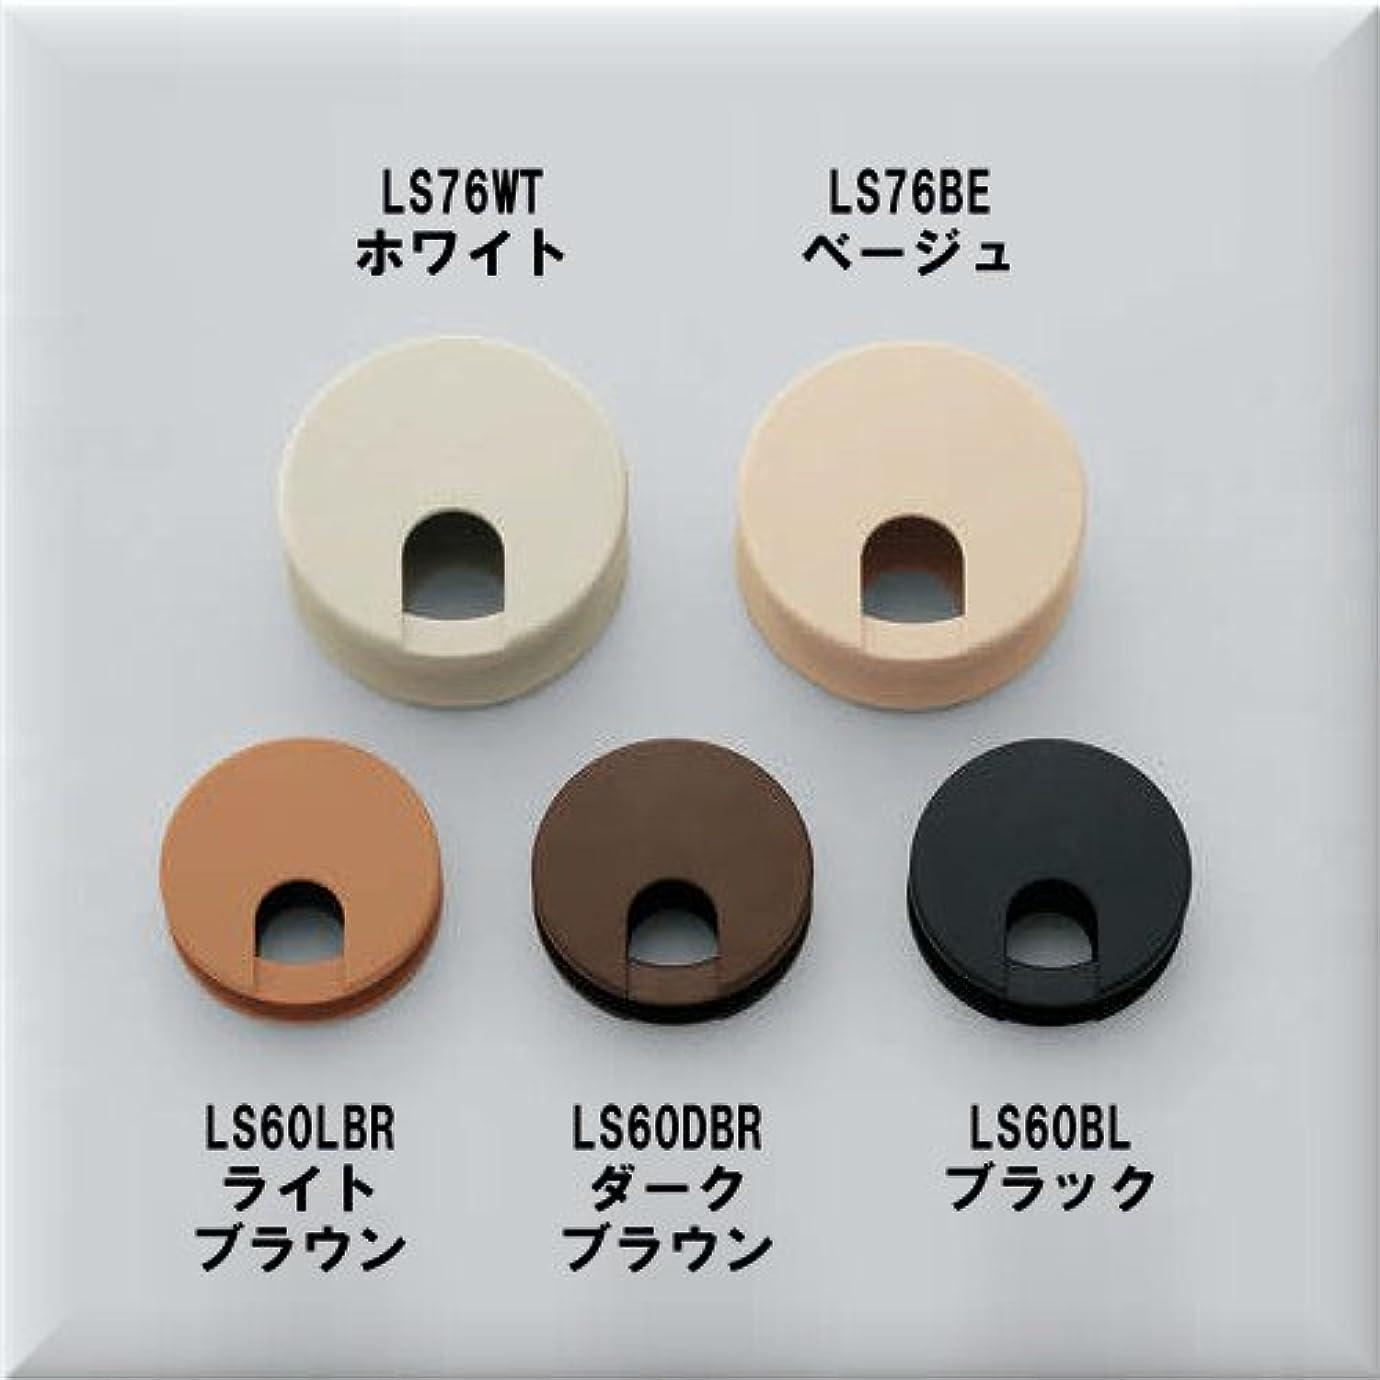 満足できる直感効果的配線孔キャップ 【LAMP】 スガツネ LS60型 DBR:ダークブラウン はさみ込みタイプ :適応板厚18~24mm